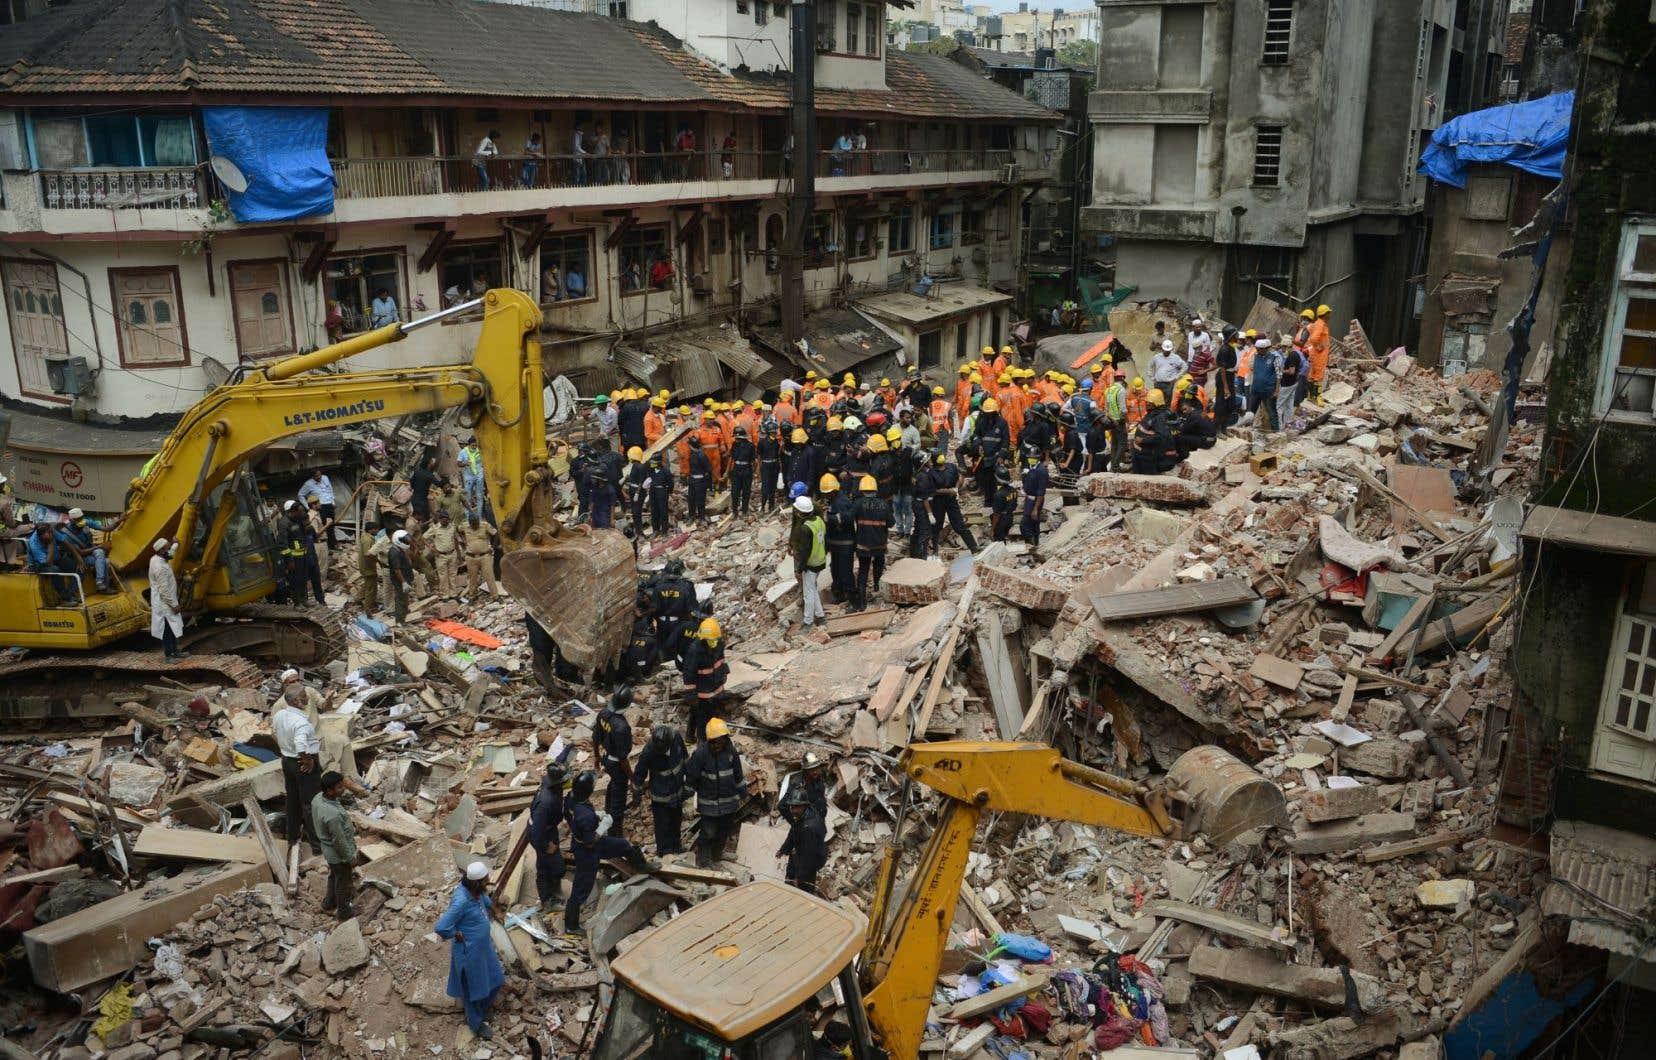 Les effondrements d'édifices sont fréquents en Inde, particulièrement durant la période de mousson qui s'étend de juin à septembre dans le sous-continent.